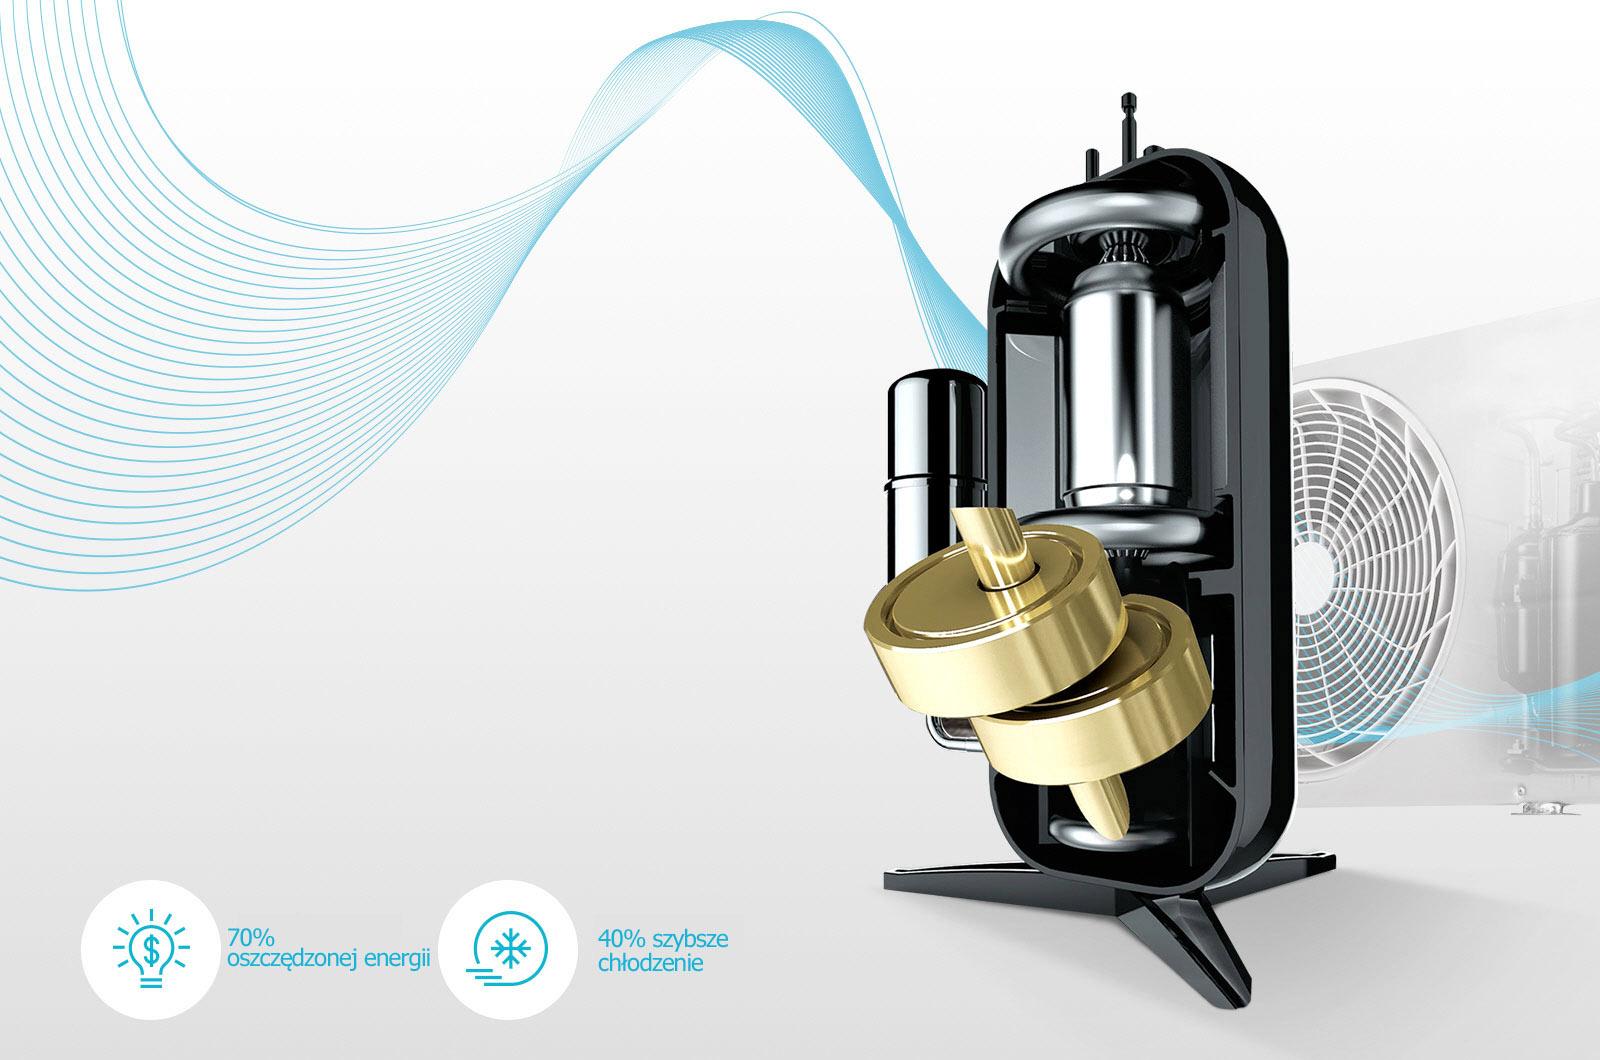 Sprężarka Dual Inverter™ z 10 letnią gwarancją<br>3